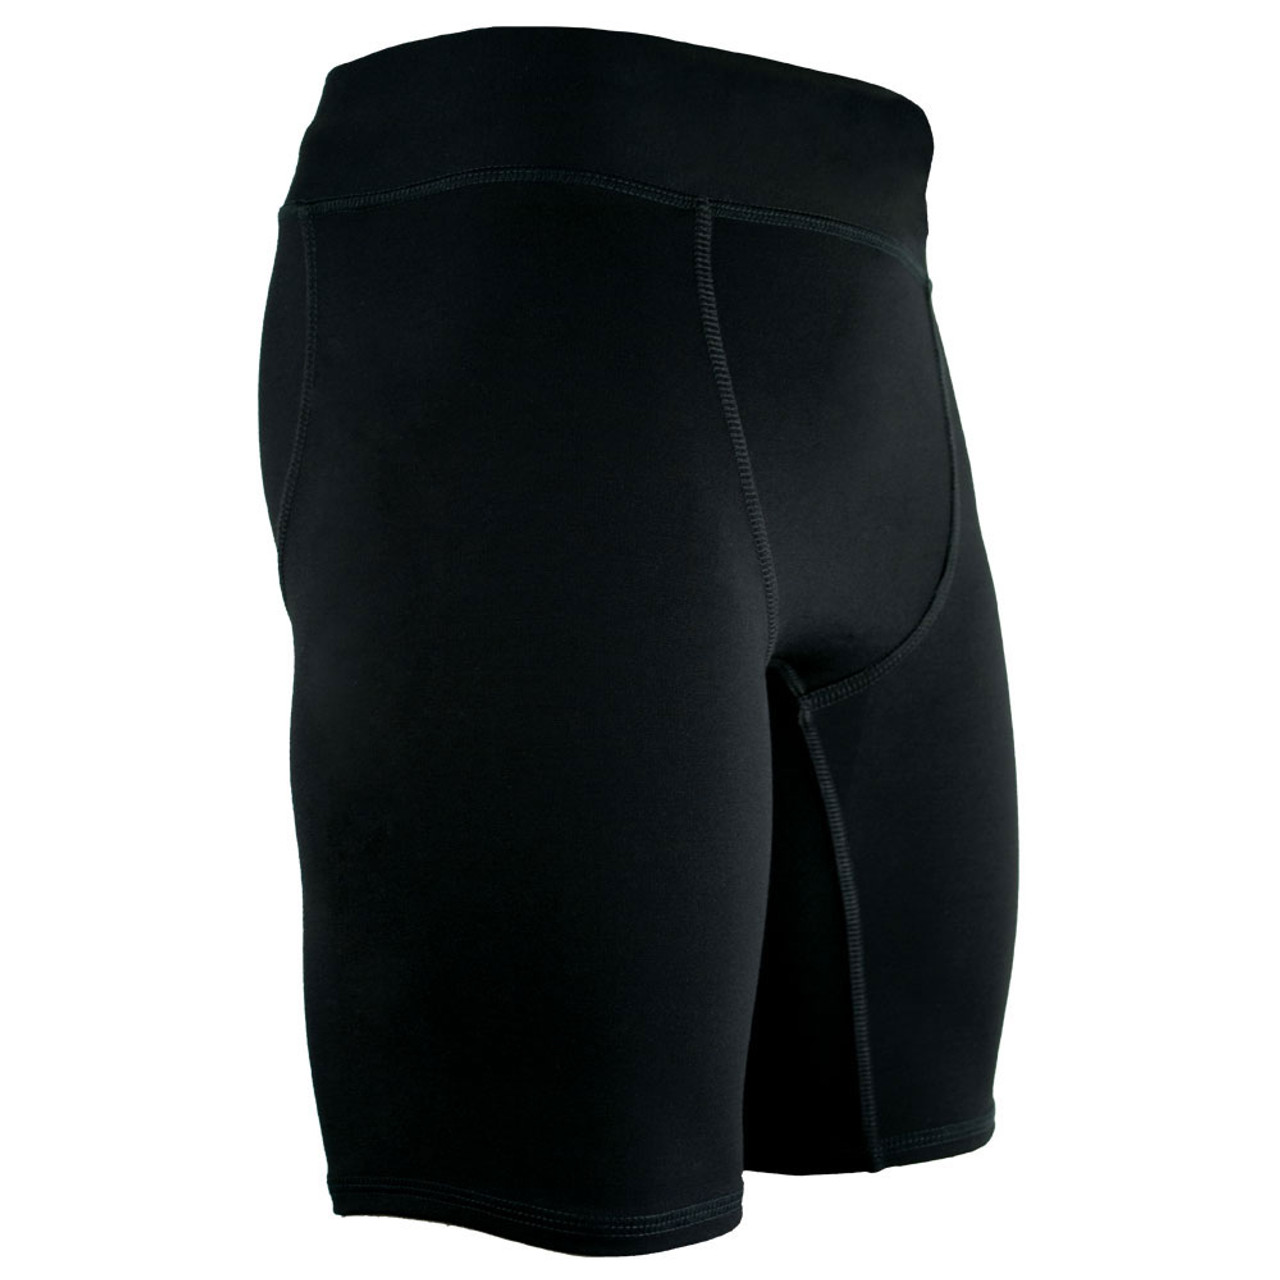 Blank Vale Tudo Shorts Long